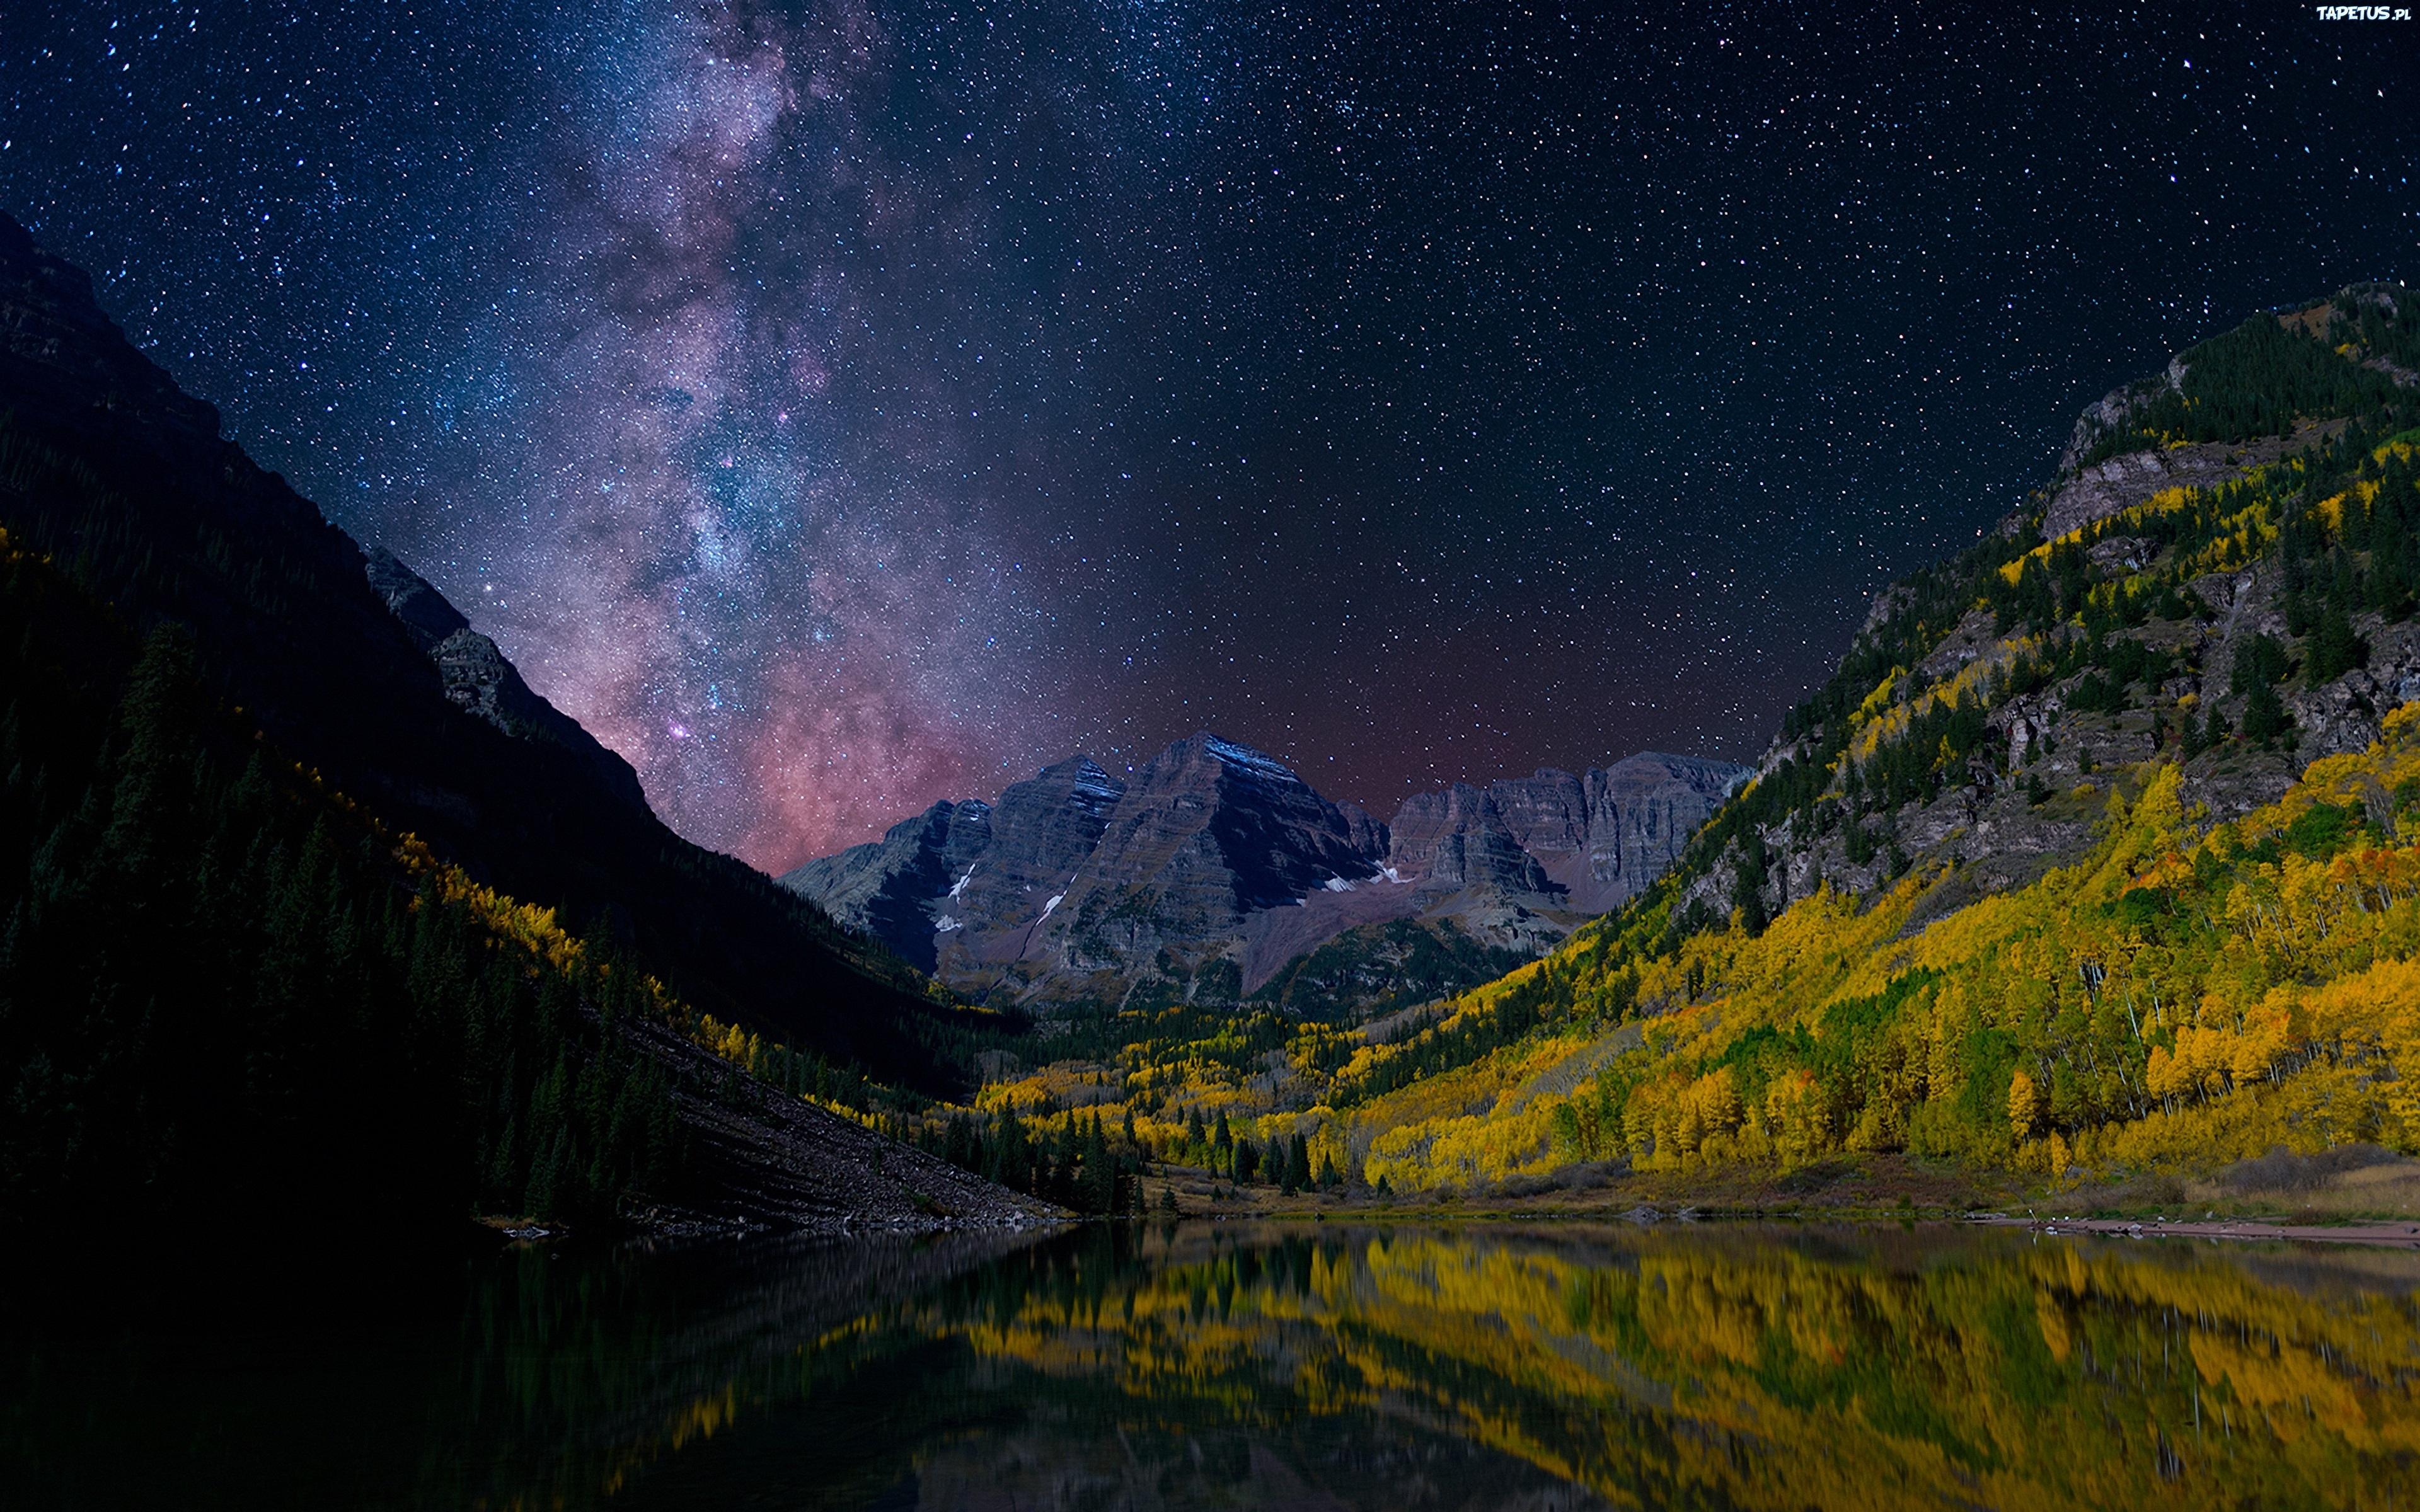 природа деревья озеро отражение гора ночь загрузить